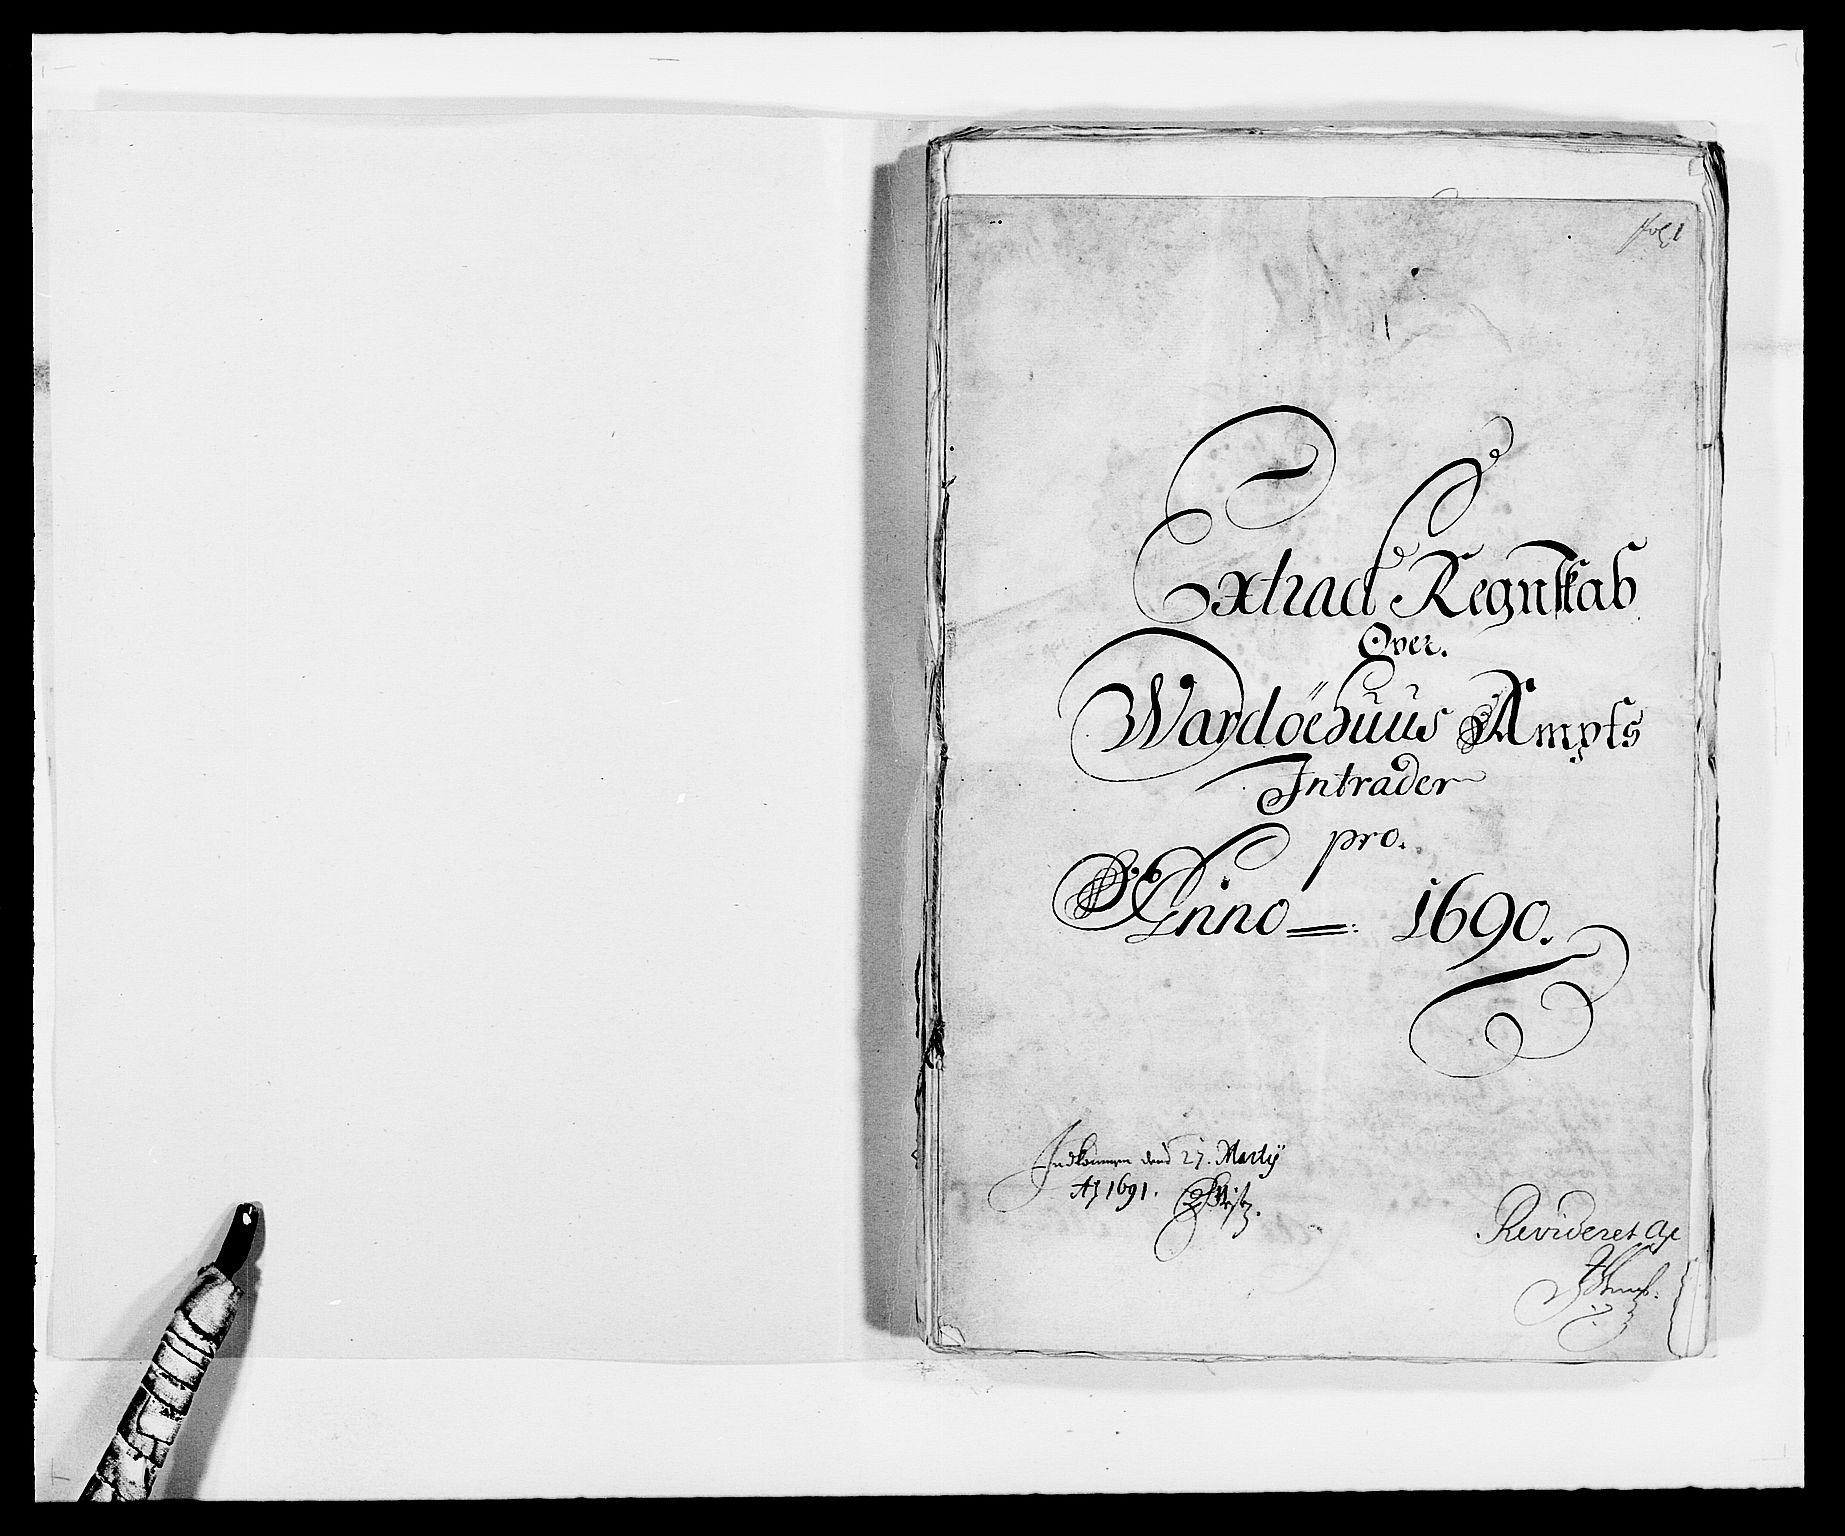 RA, Rentekammeret inntil 1814, Reviderte regnskaper, Fogderegnskap, R69/L4850: Fogderegnskap Finnmark/Vardøhus, 1680-1690, s. 199